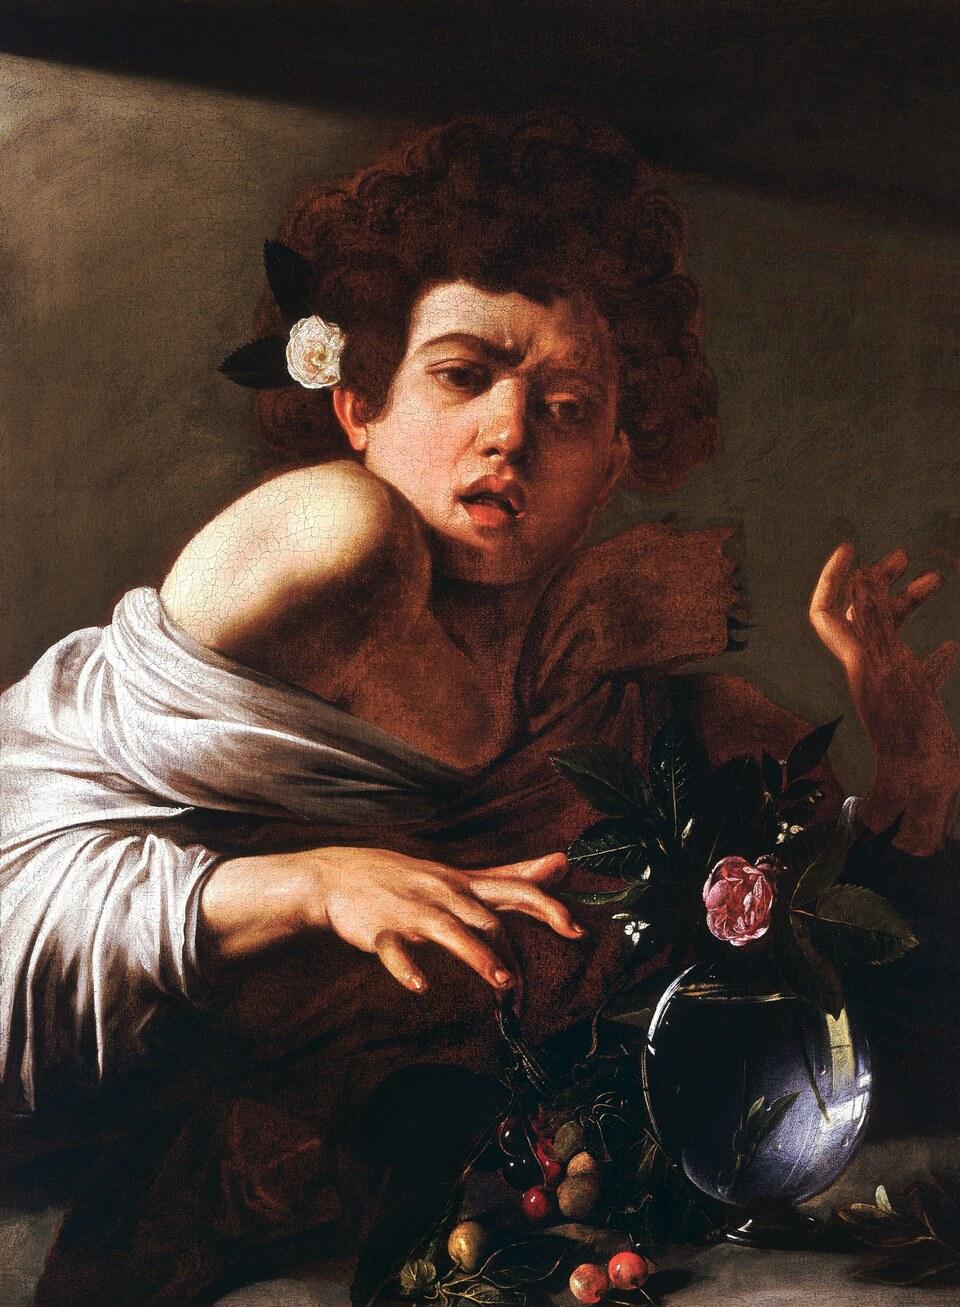 Malen wie Caravaggio